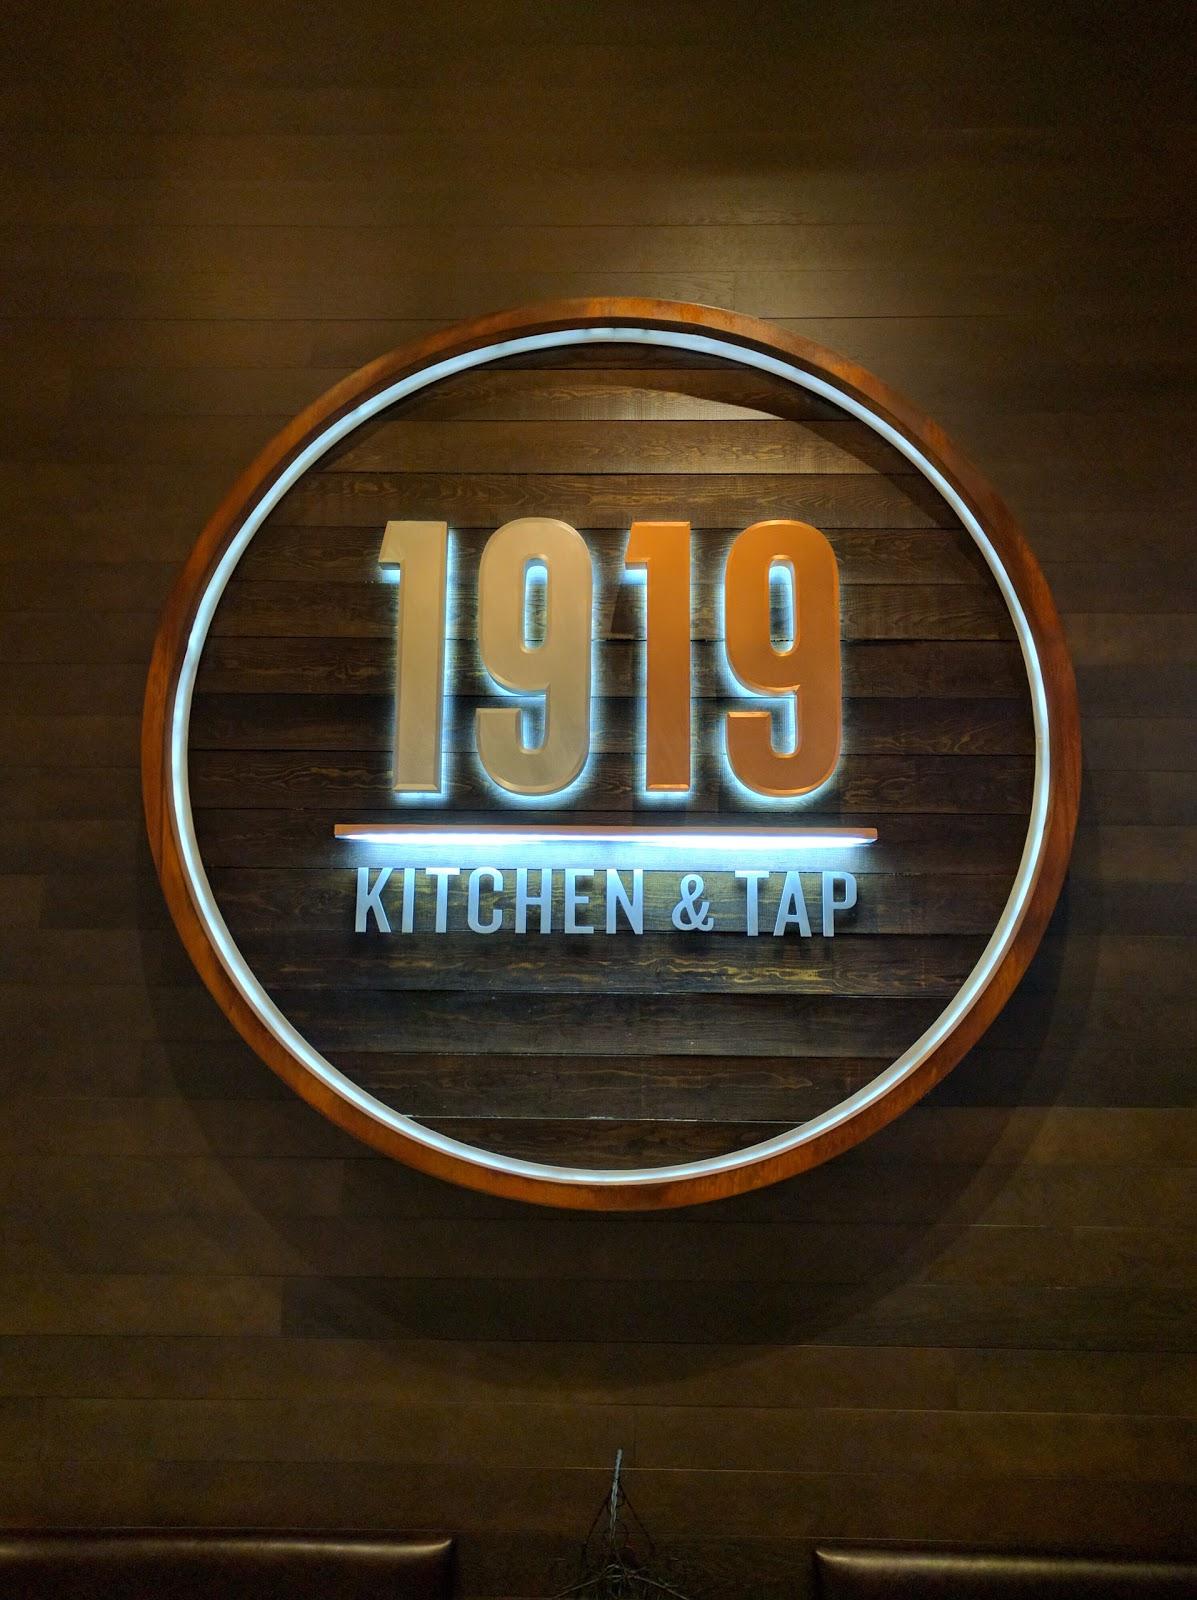 Gofishfry 1919 Kitchen Tap Green Bay February 5 2016